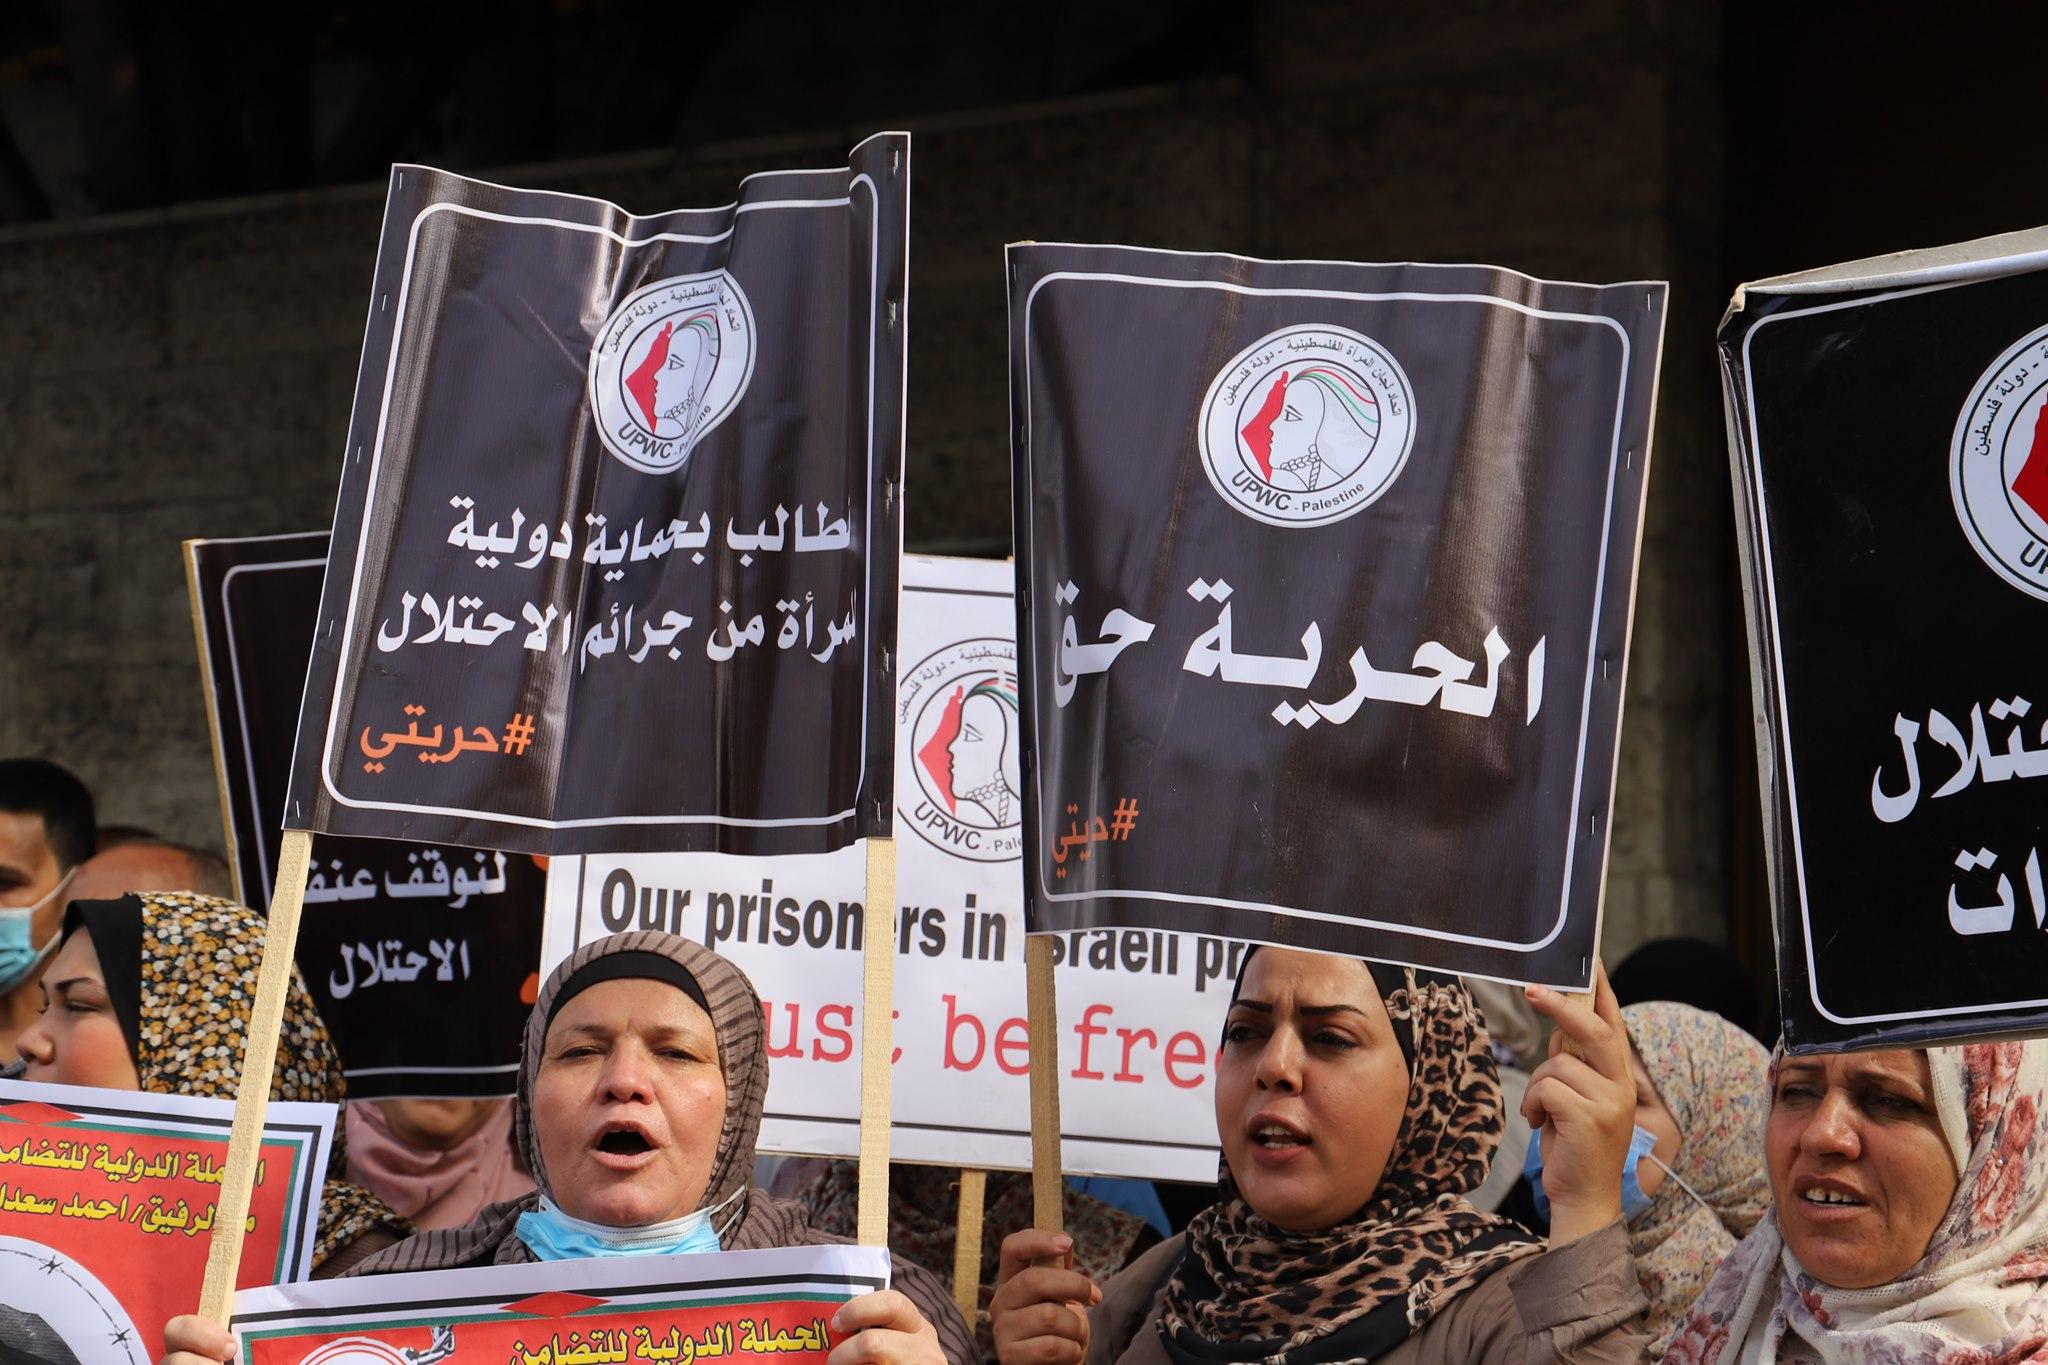 الوقفة الاسنادية مع الأسيرات والأسرى في سجون الاحتلال